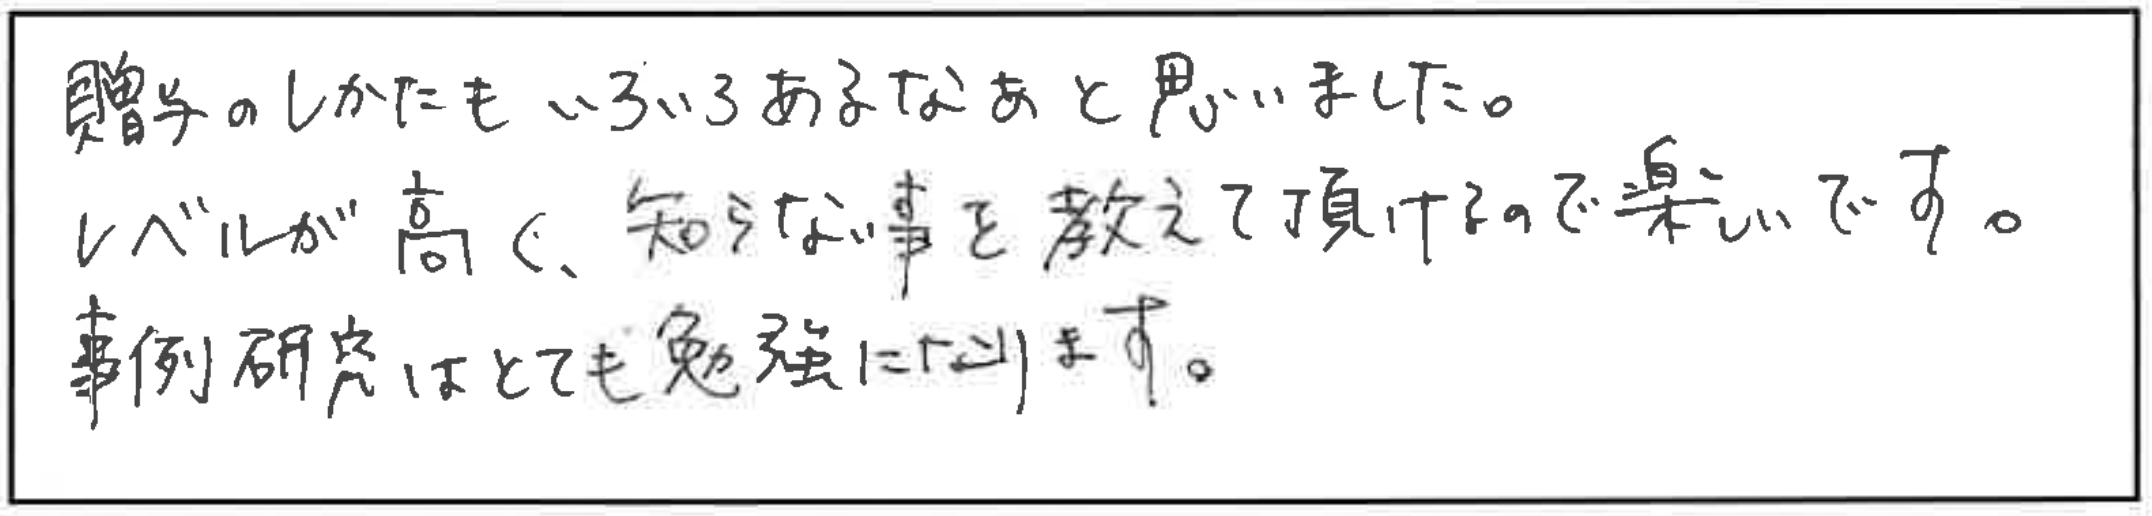 吉澤塾 半年コースの参加者の声画像170